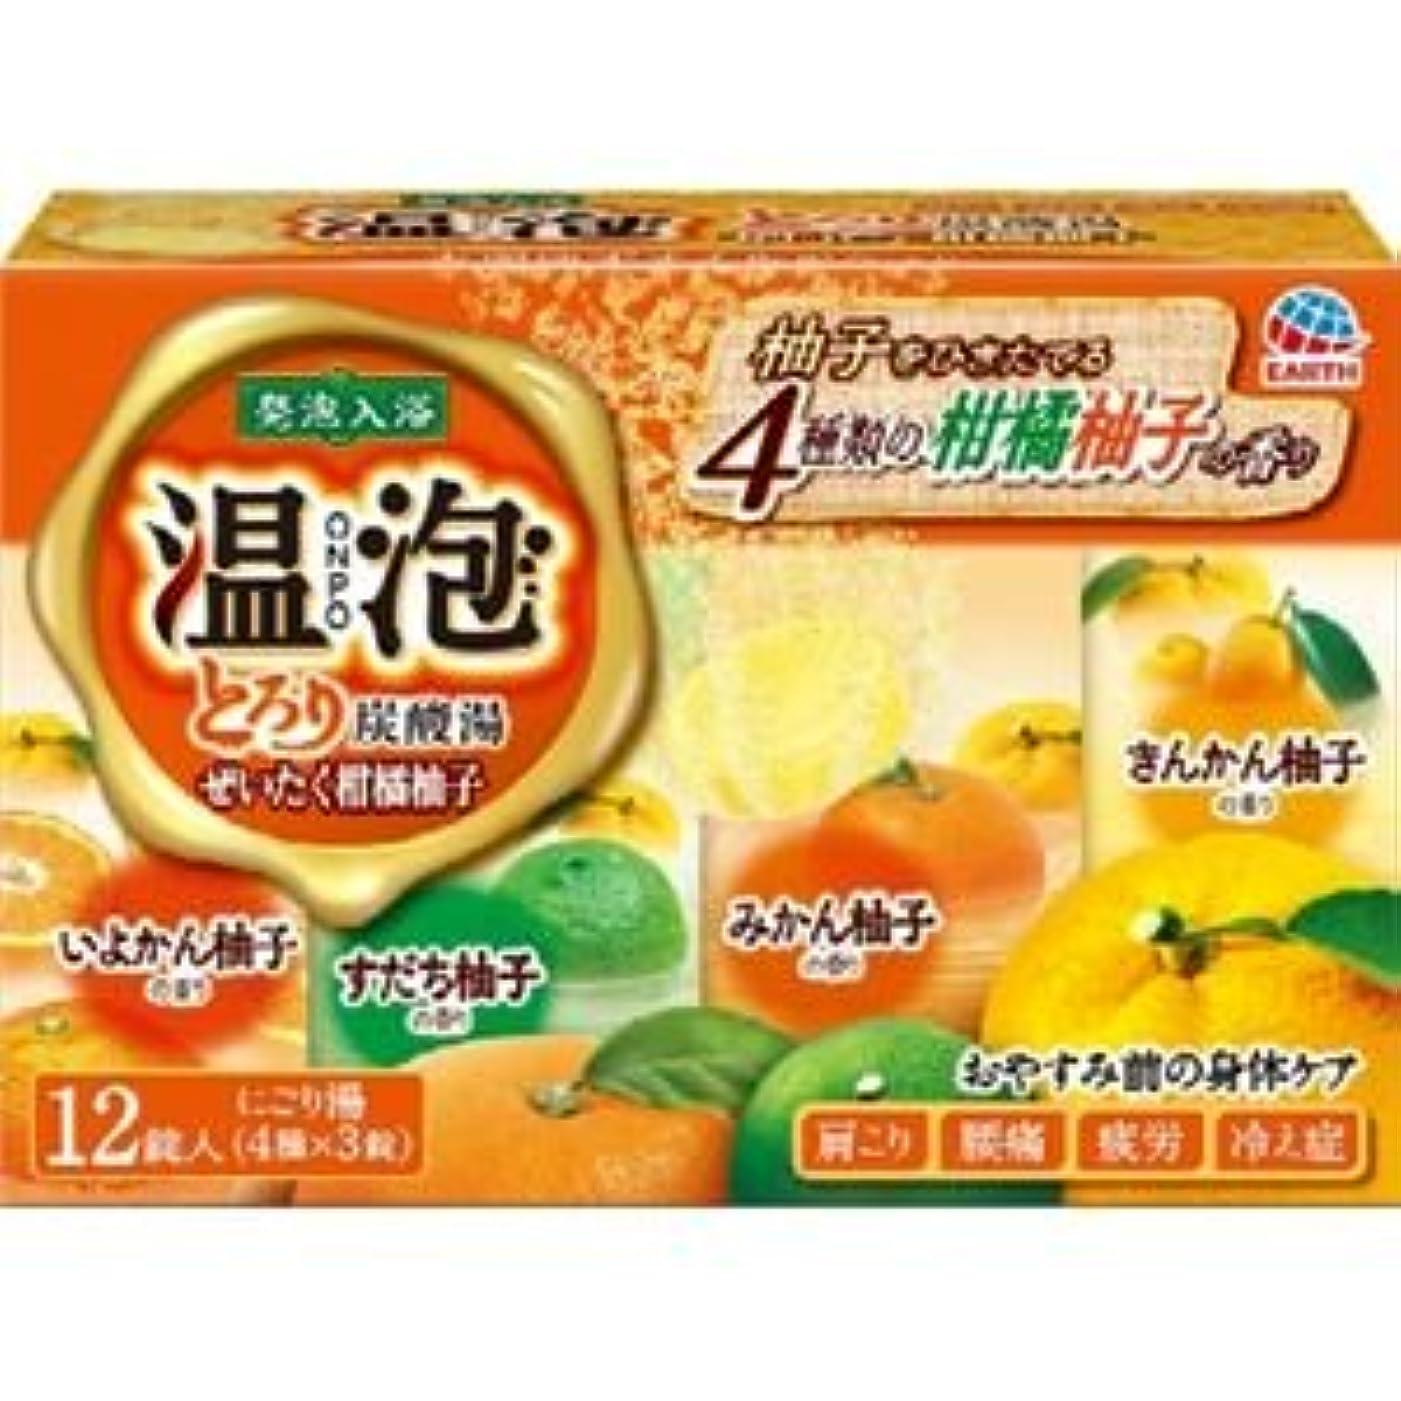 再発するしがみつく祝福する(まとめ)アース製薬 温泡とろり炭酸湯ぜいたく柑橘柚子12錠入 【×3点セット】